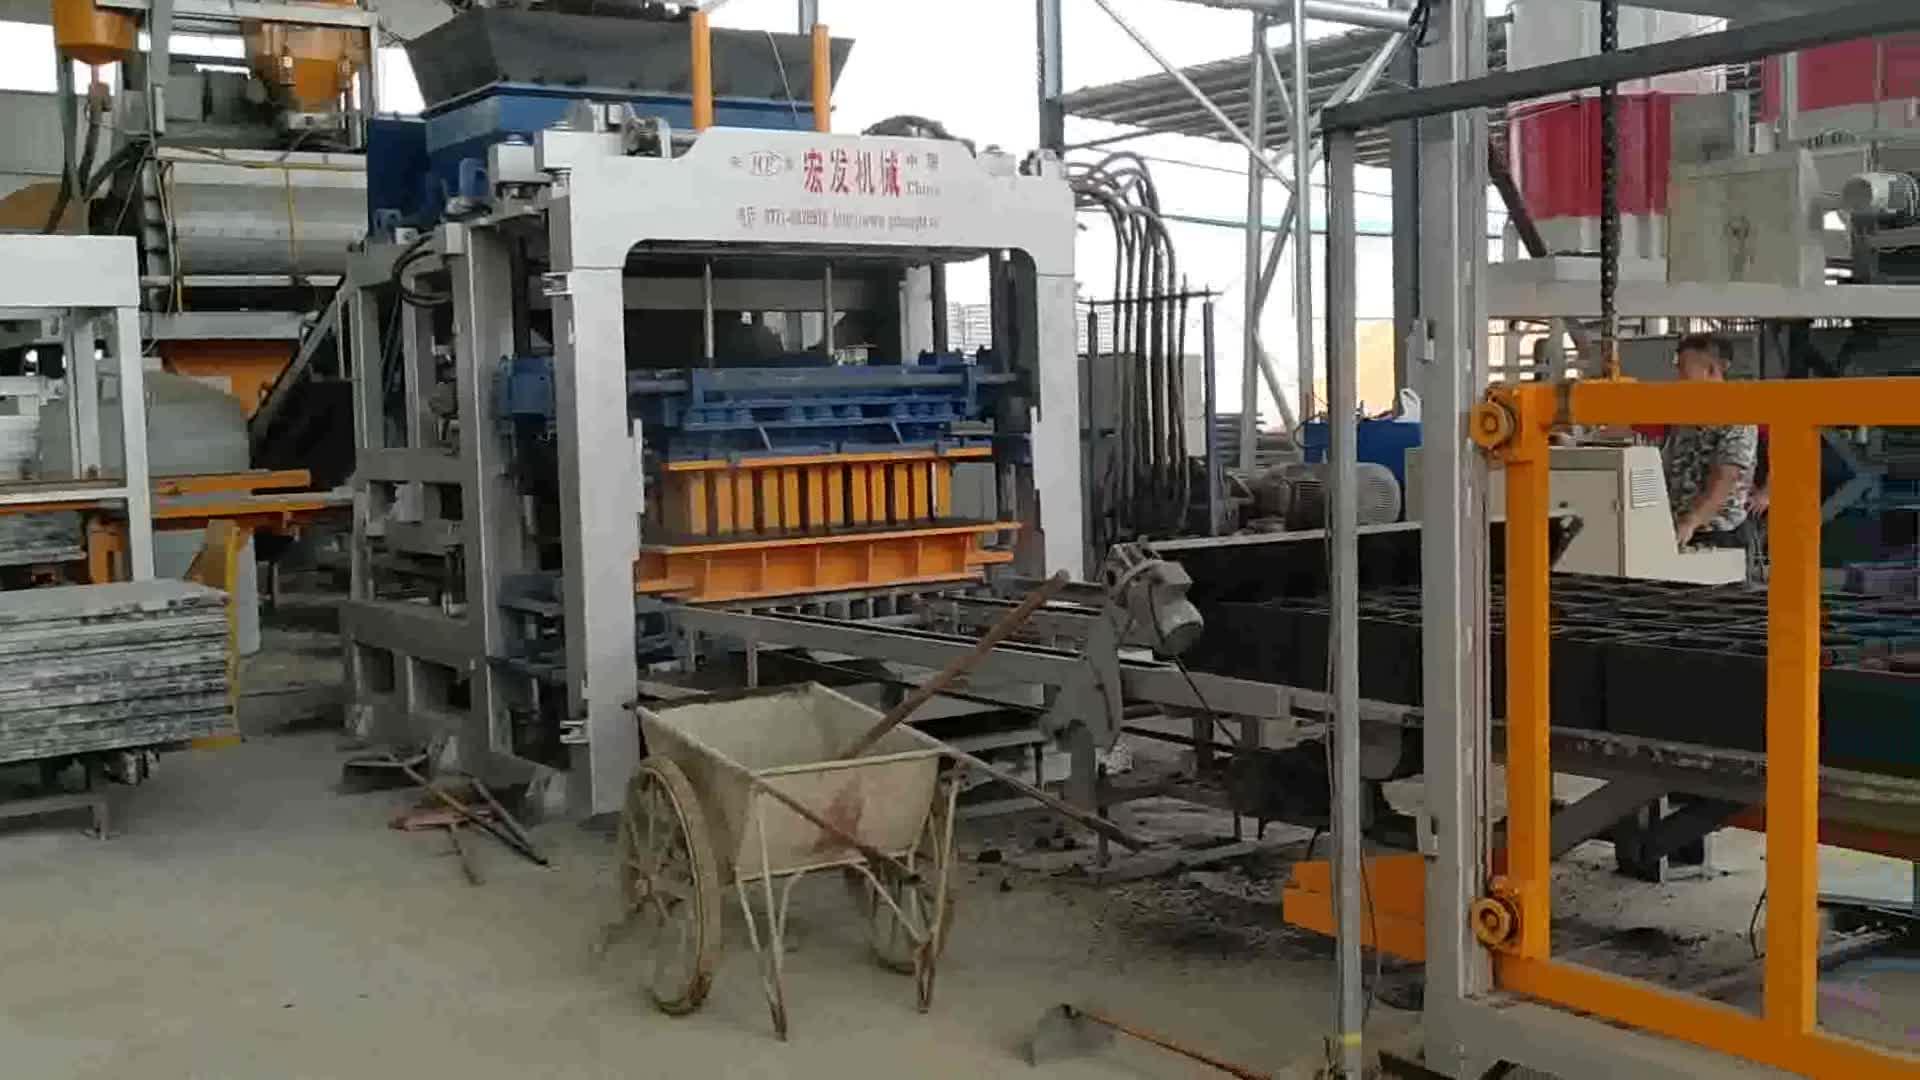 Mozambique Concrete Block Making Machine Price of Brick Machine in Mozambique